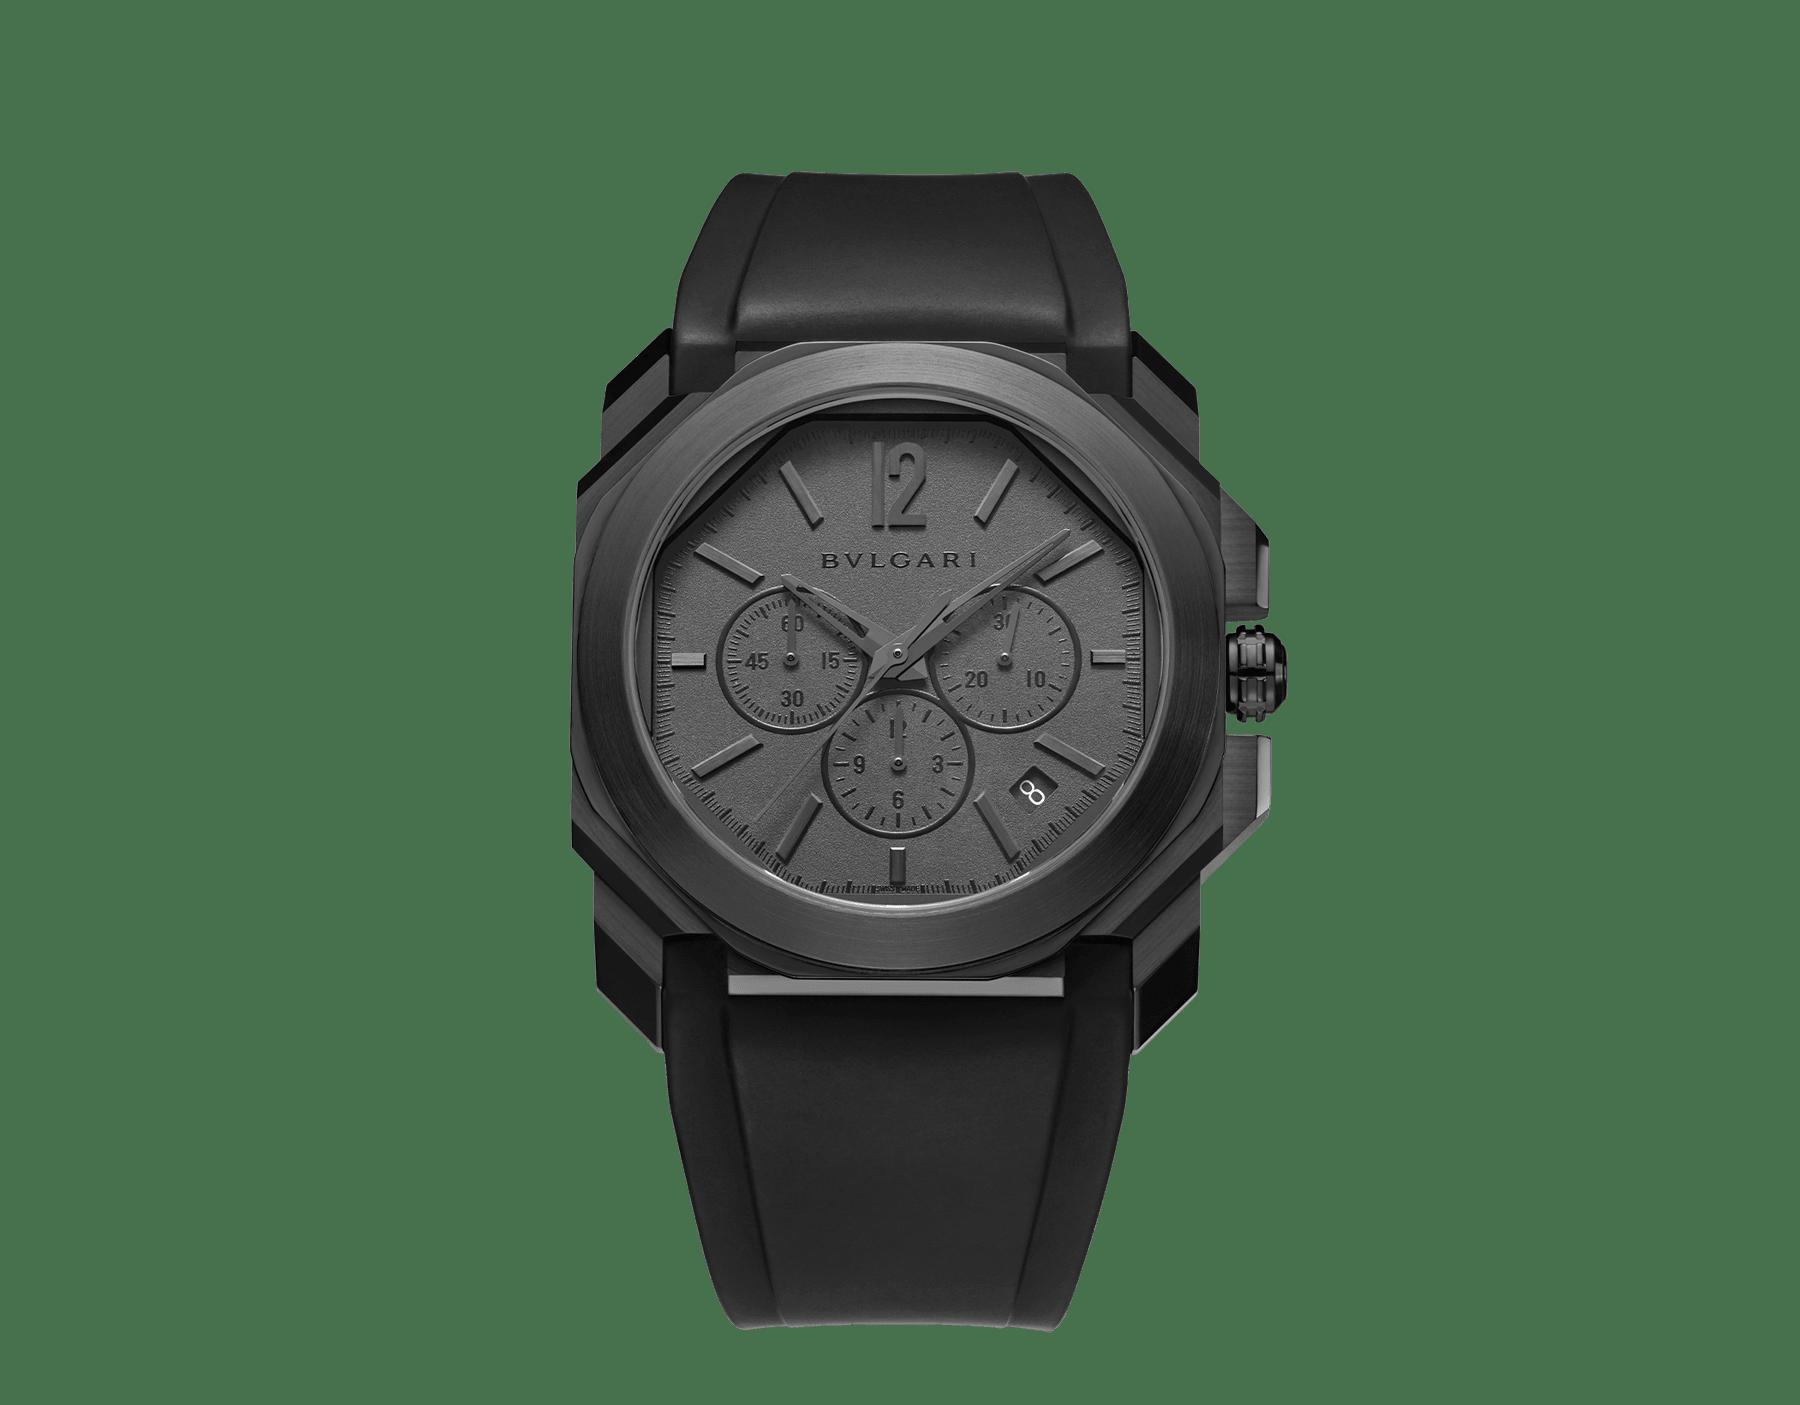 Octo L'Originale Uhr mit mechanischem Manufakturwerk, integriertem Hochfrequenz-Chronographen (5Hz), Säulenradmechanismus, Silizium-Hemmung, Automatikaufzug und Datumsanzeige, Gehäuse aus Edelstahl mit schwarzer DLC (Diamond Like Carbon)-Beschichtung, grauem Zifferblatt und schwarzem Kautschukarmband 103027 image 1